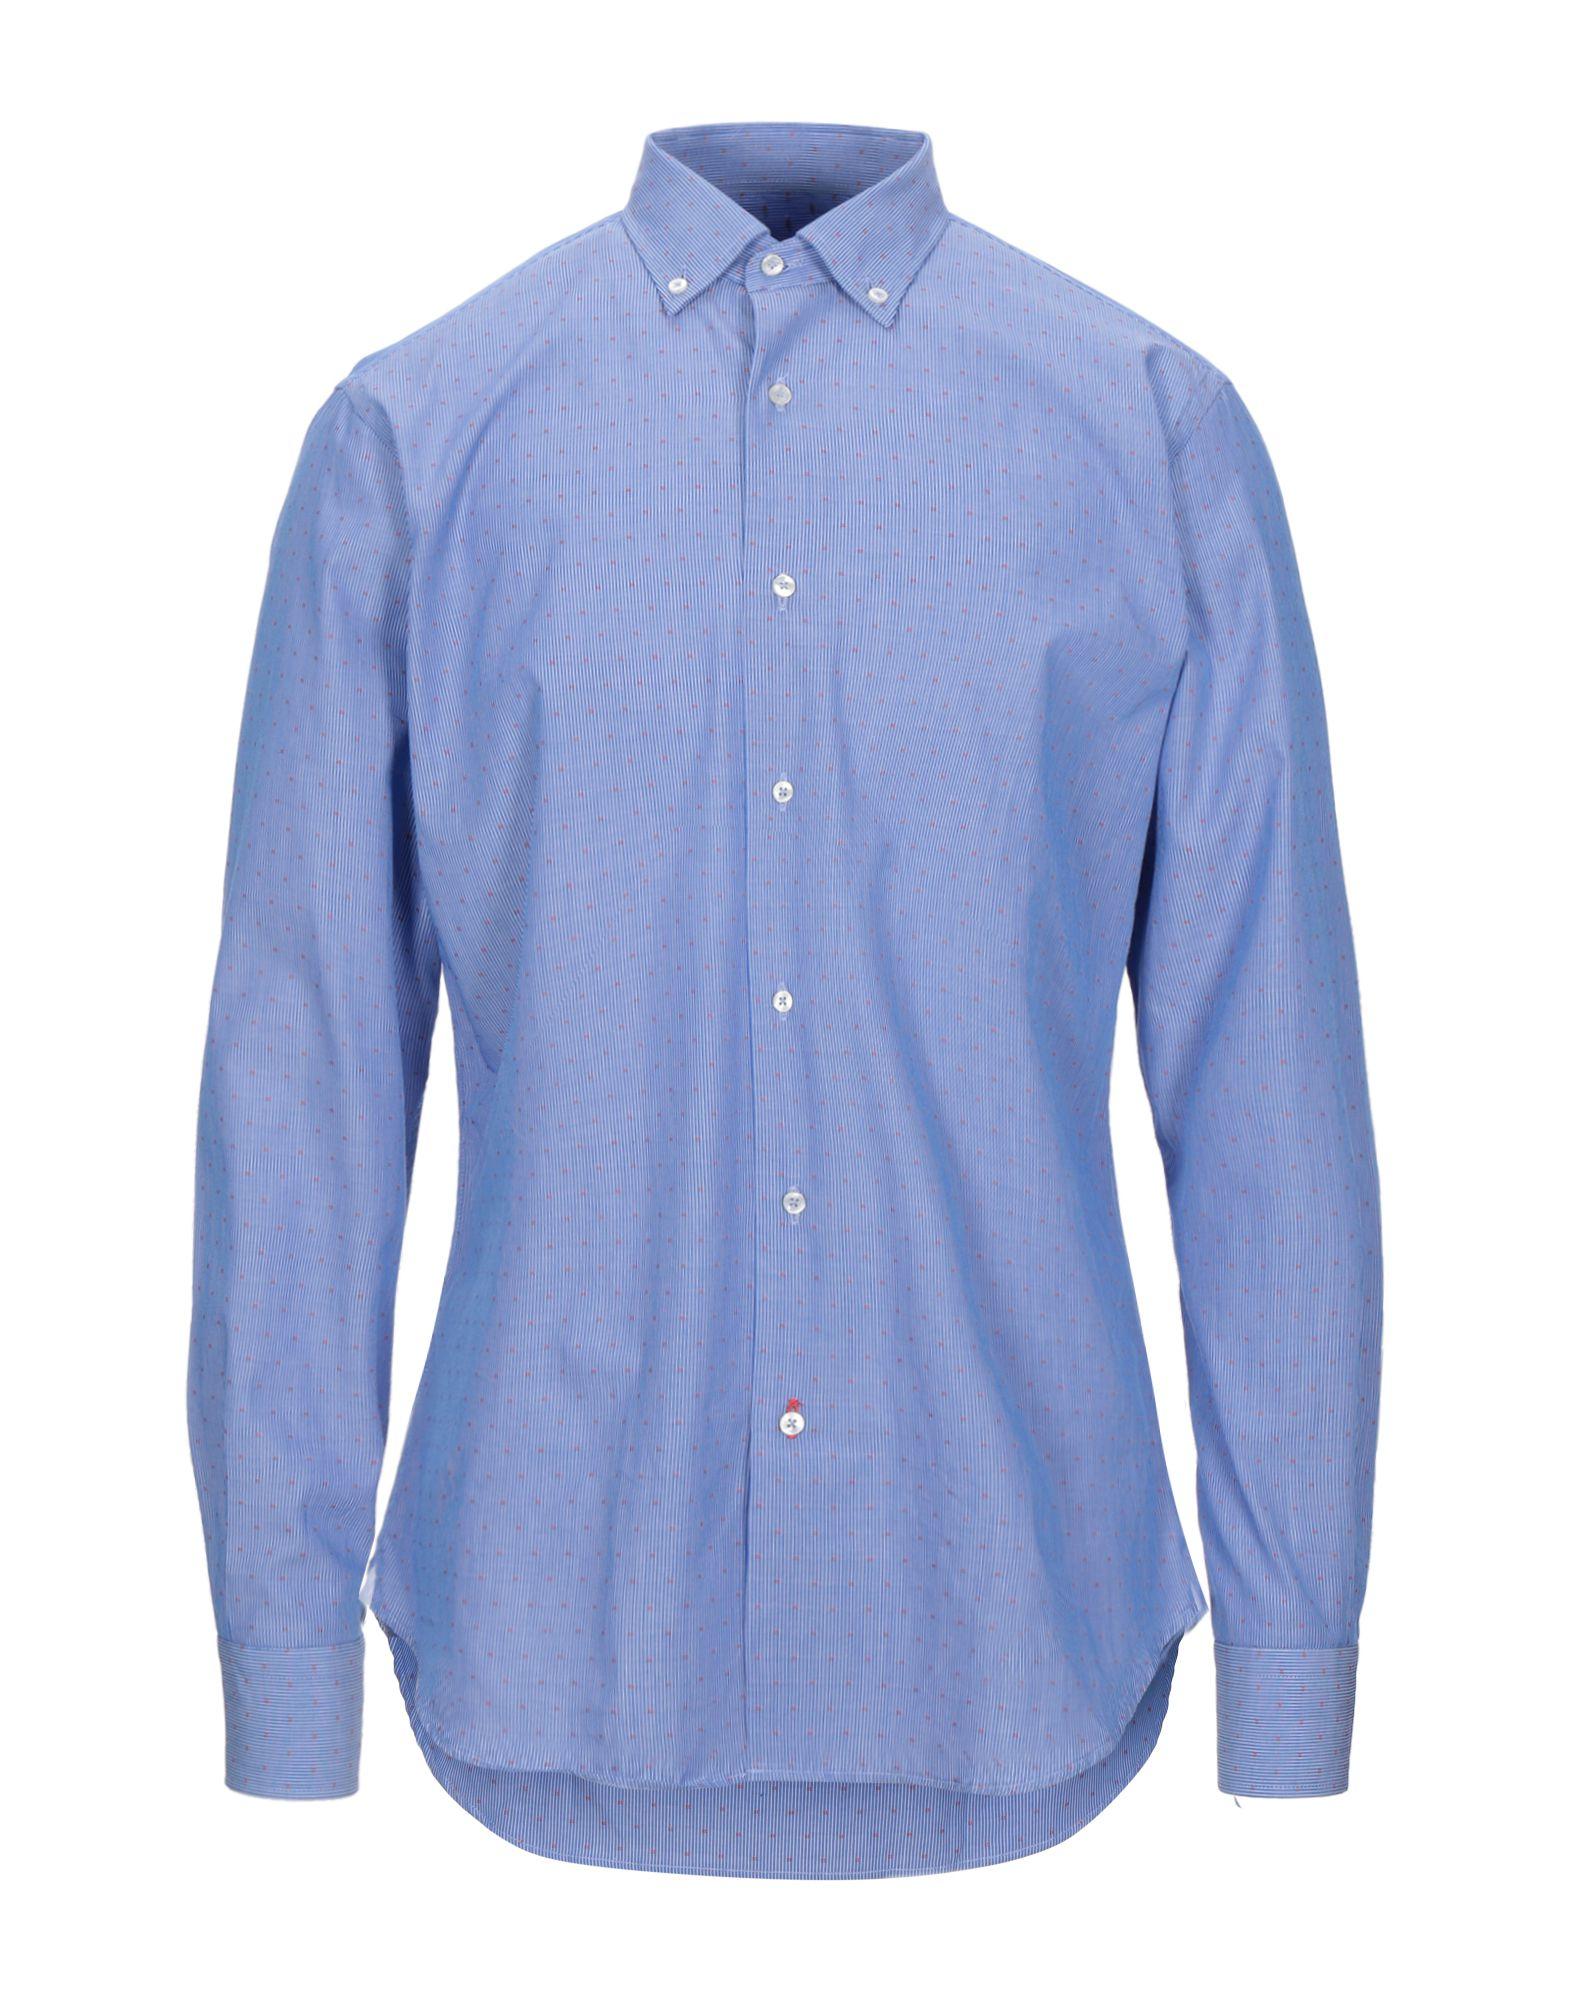 《セール開催中》DE PASQUALE メンズ シャツ ブルー 41 コットン 100%